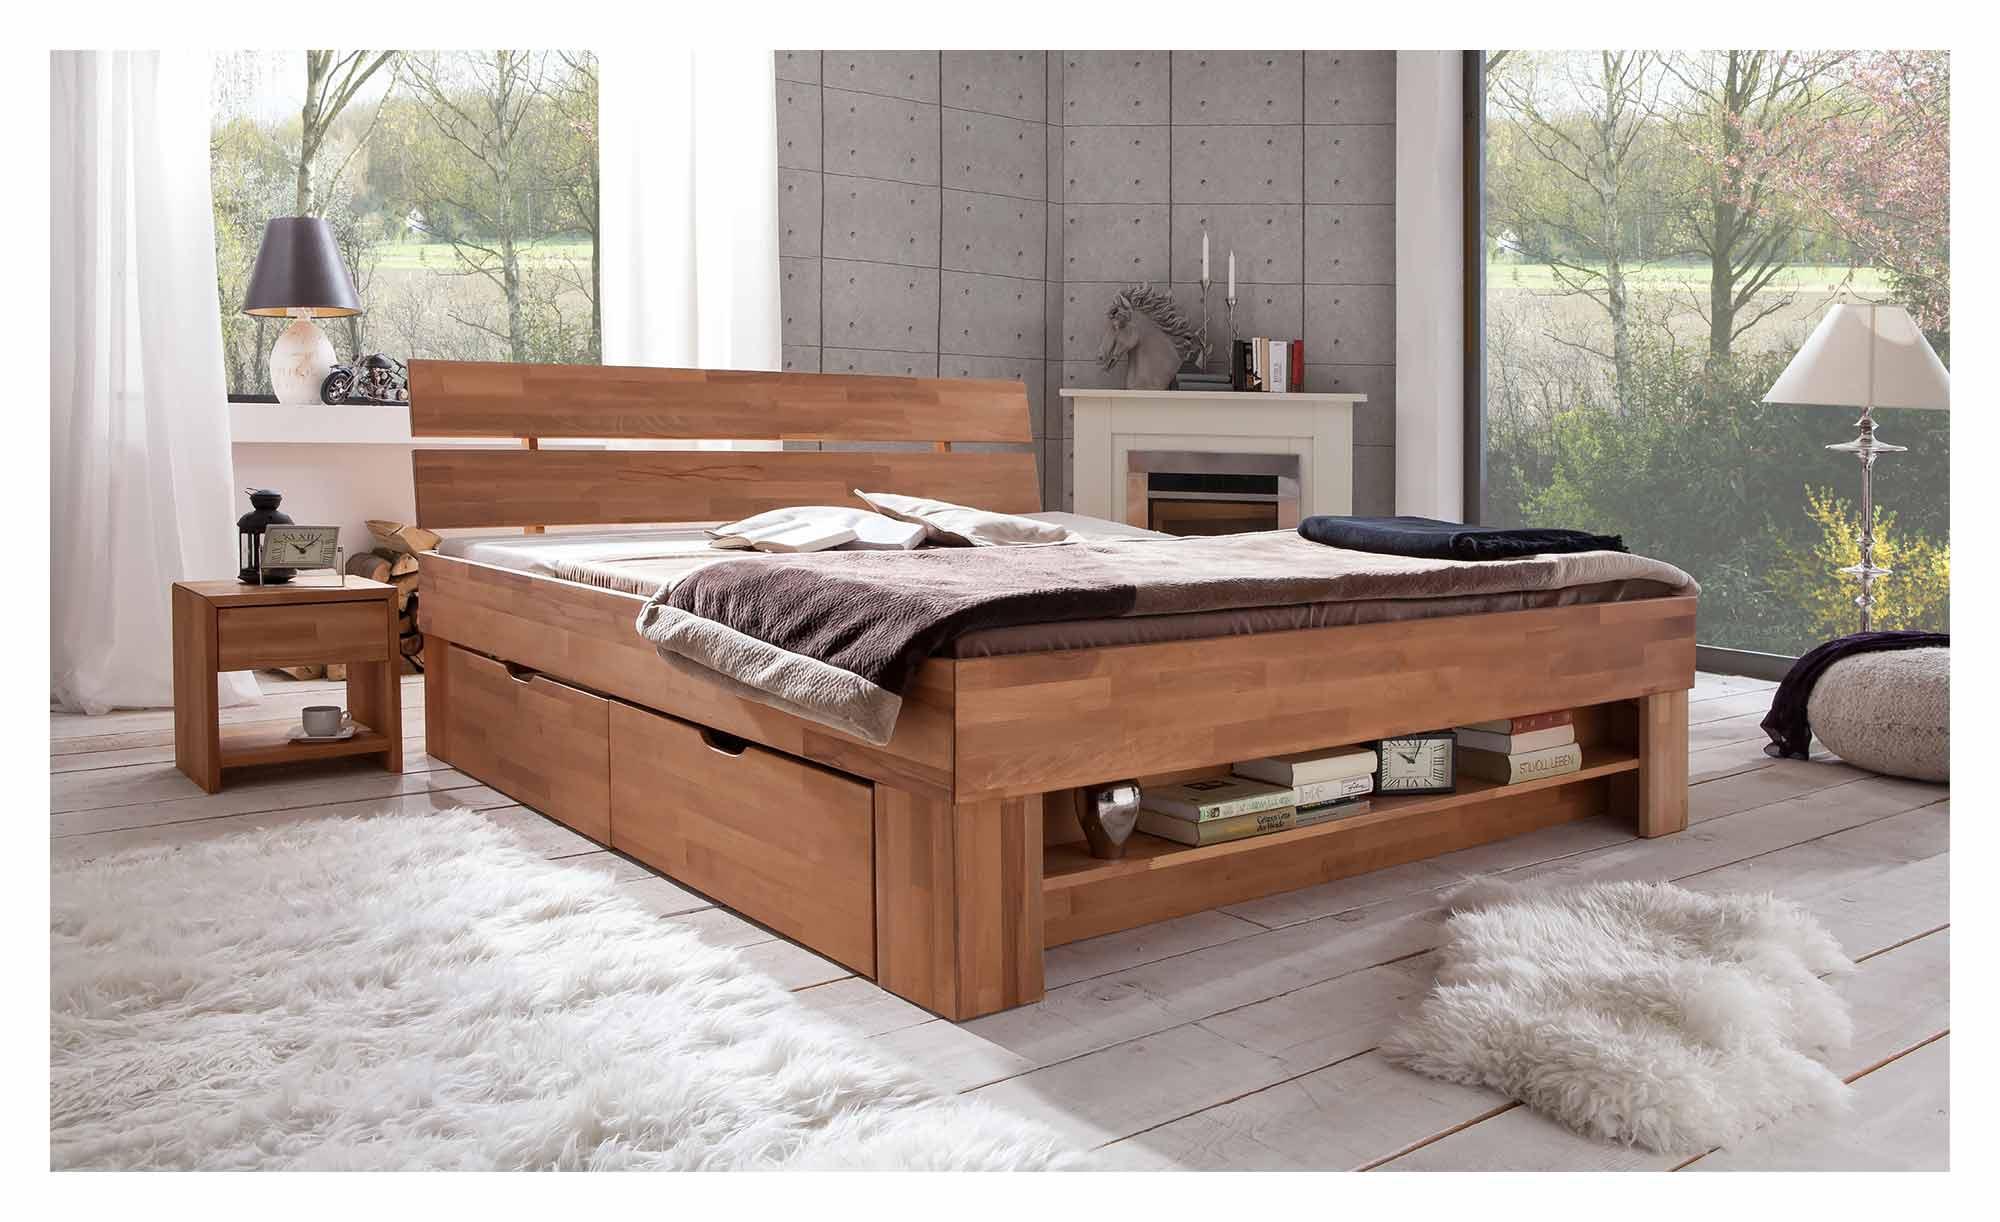 Full Size of Futon Bett Better Homes And Gardens Instructions Bettgestell Are Japanese Futons For Your Back Couch Holz Schlicht Stauraum 200x200 Weiss 180x200 120x190 Bett Futon Bett